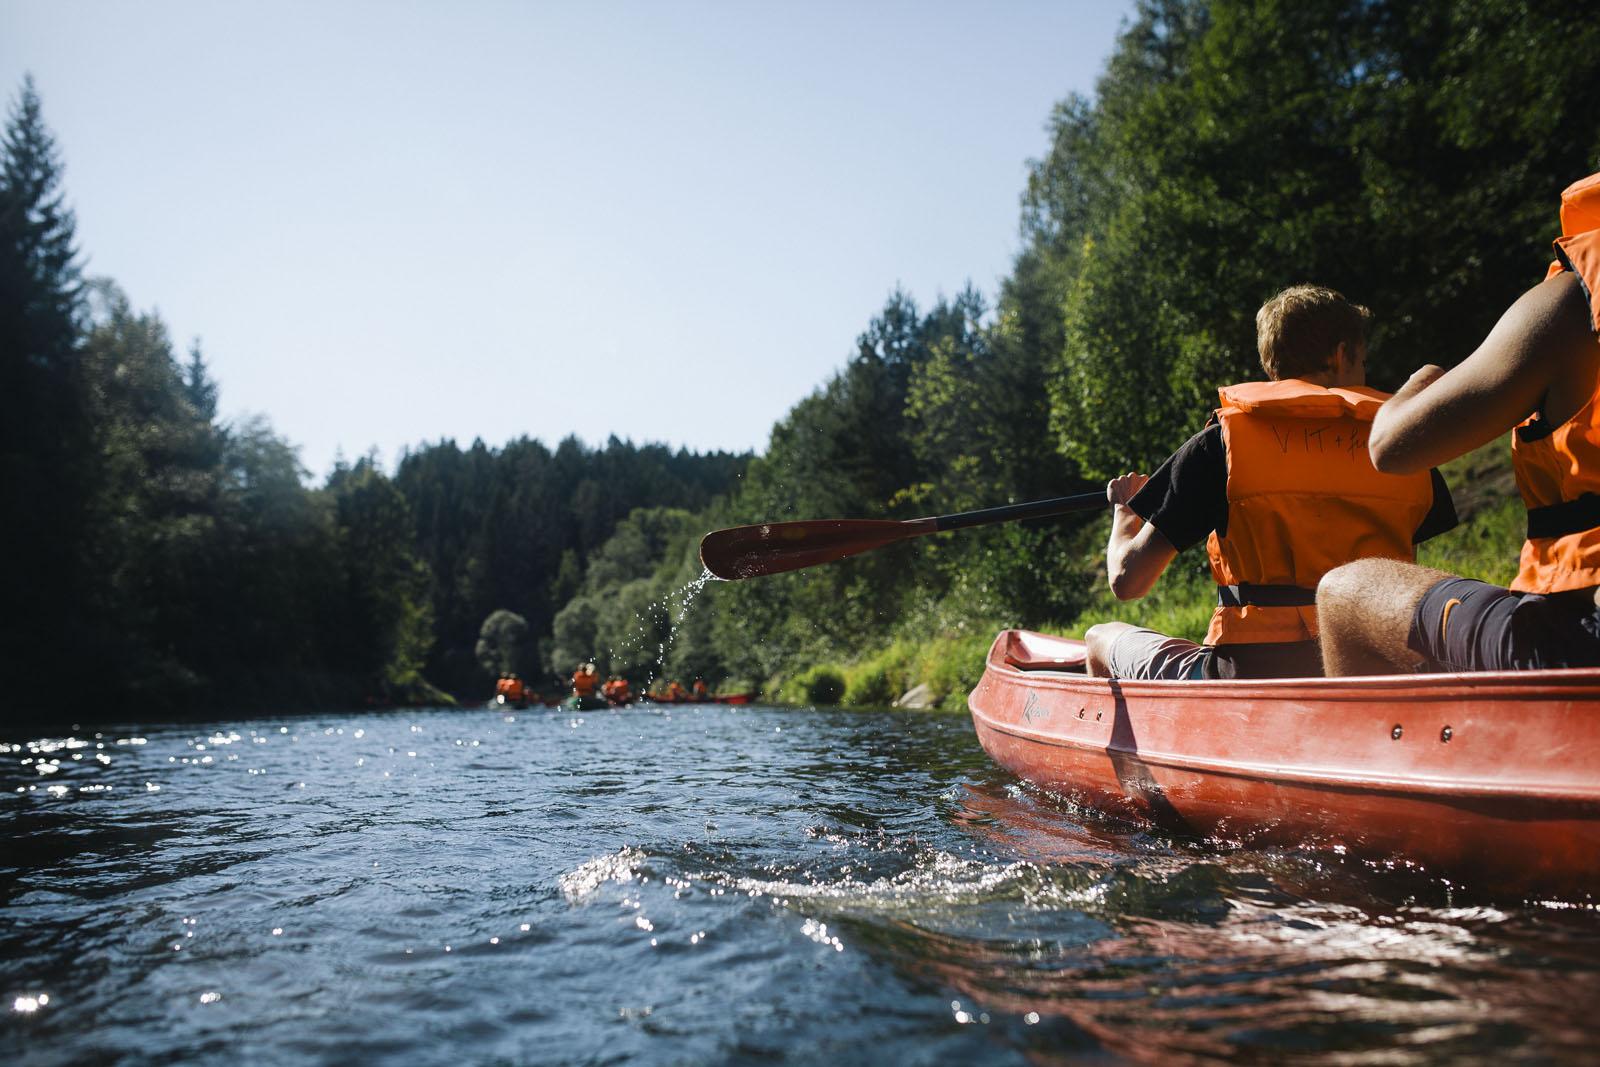 Sporturlaub Bayerischer Wald mit Original Bootcamp